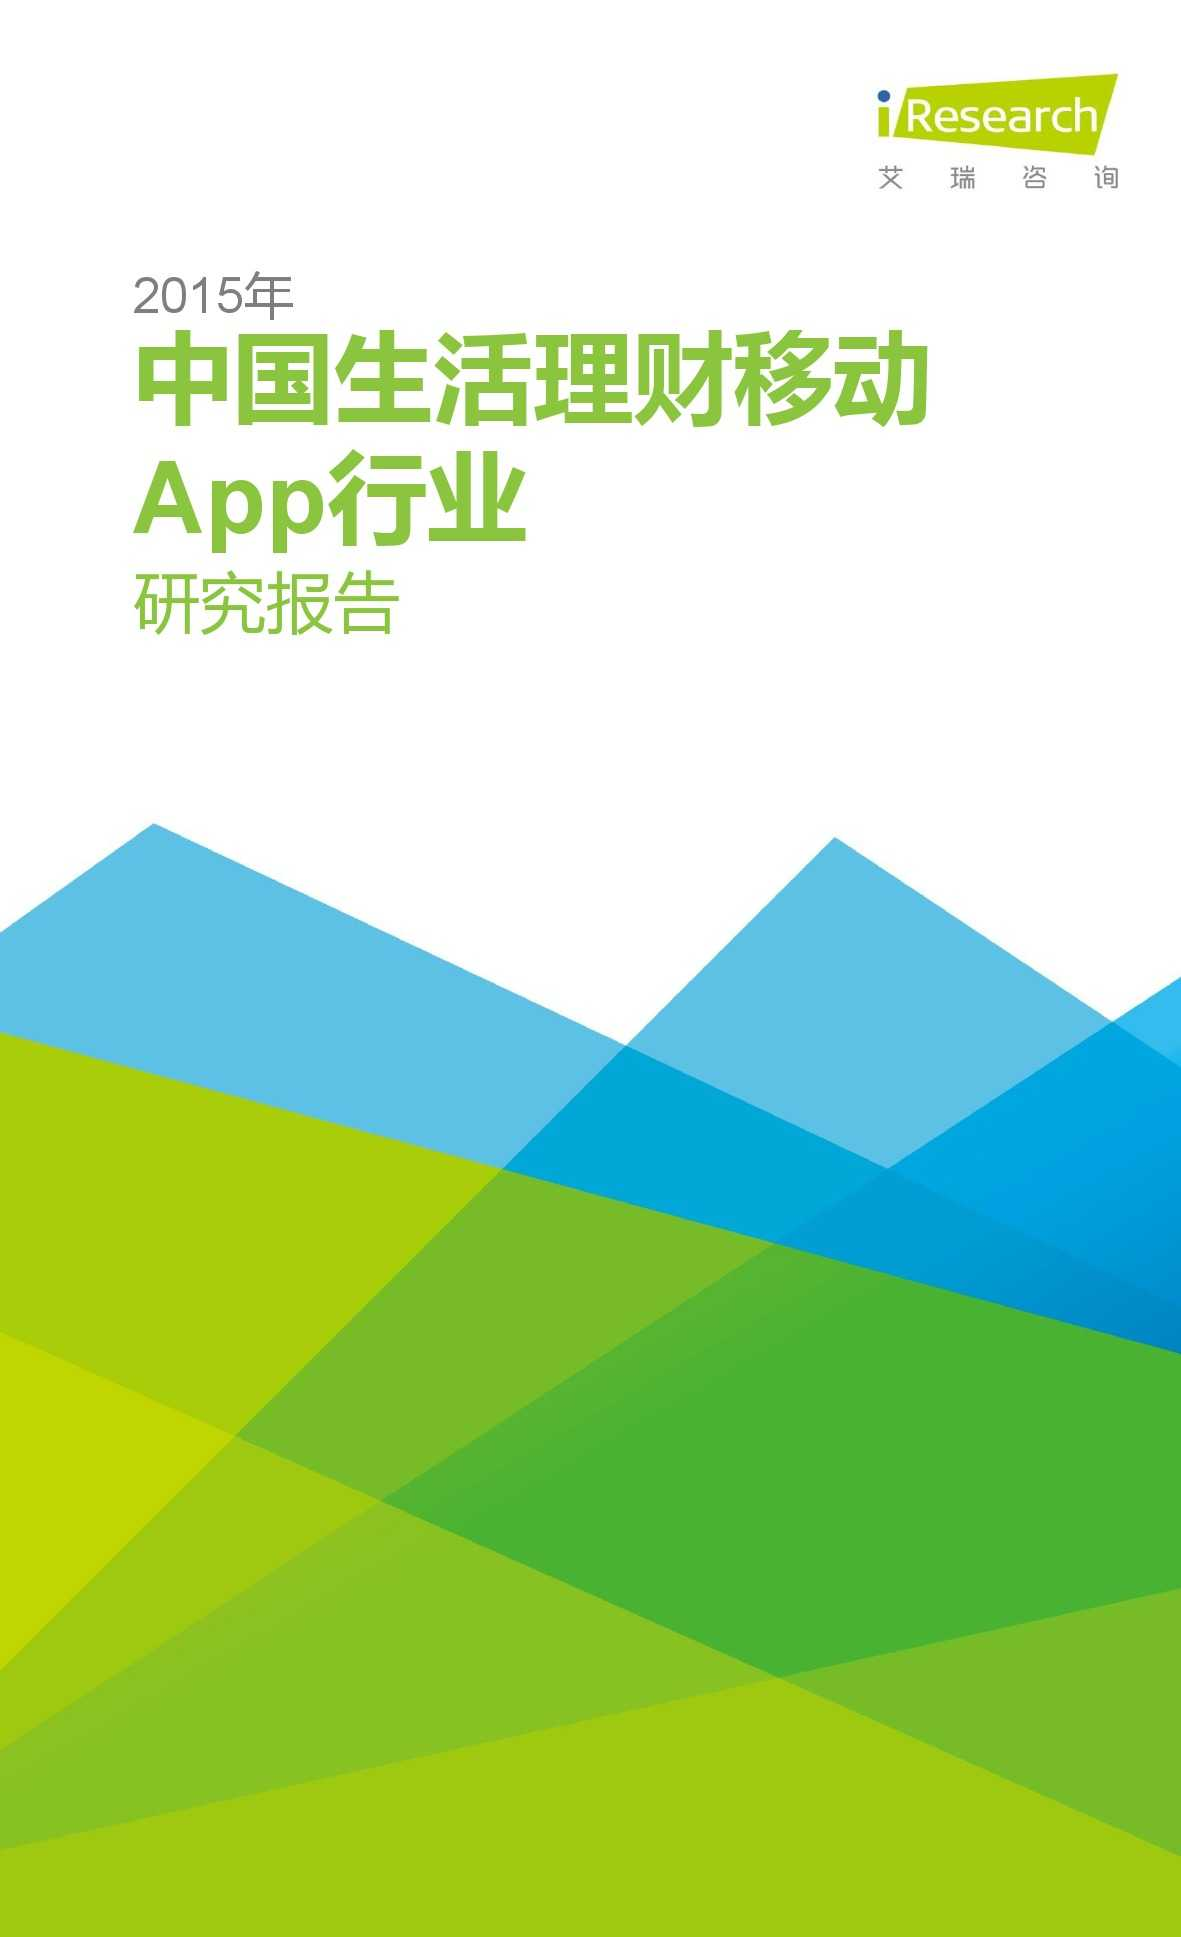 2015年中国生活理财移动App行业研究报告_000001